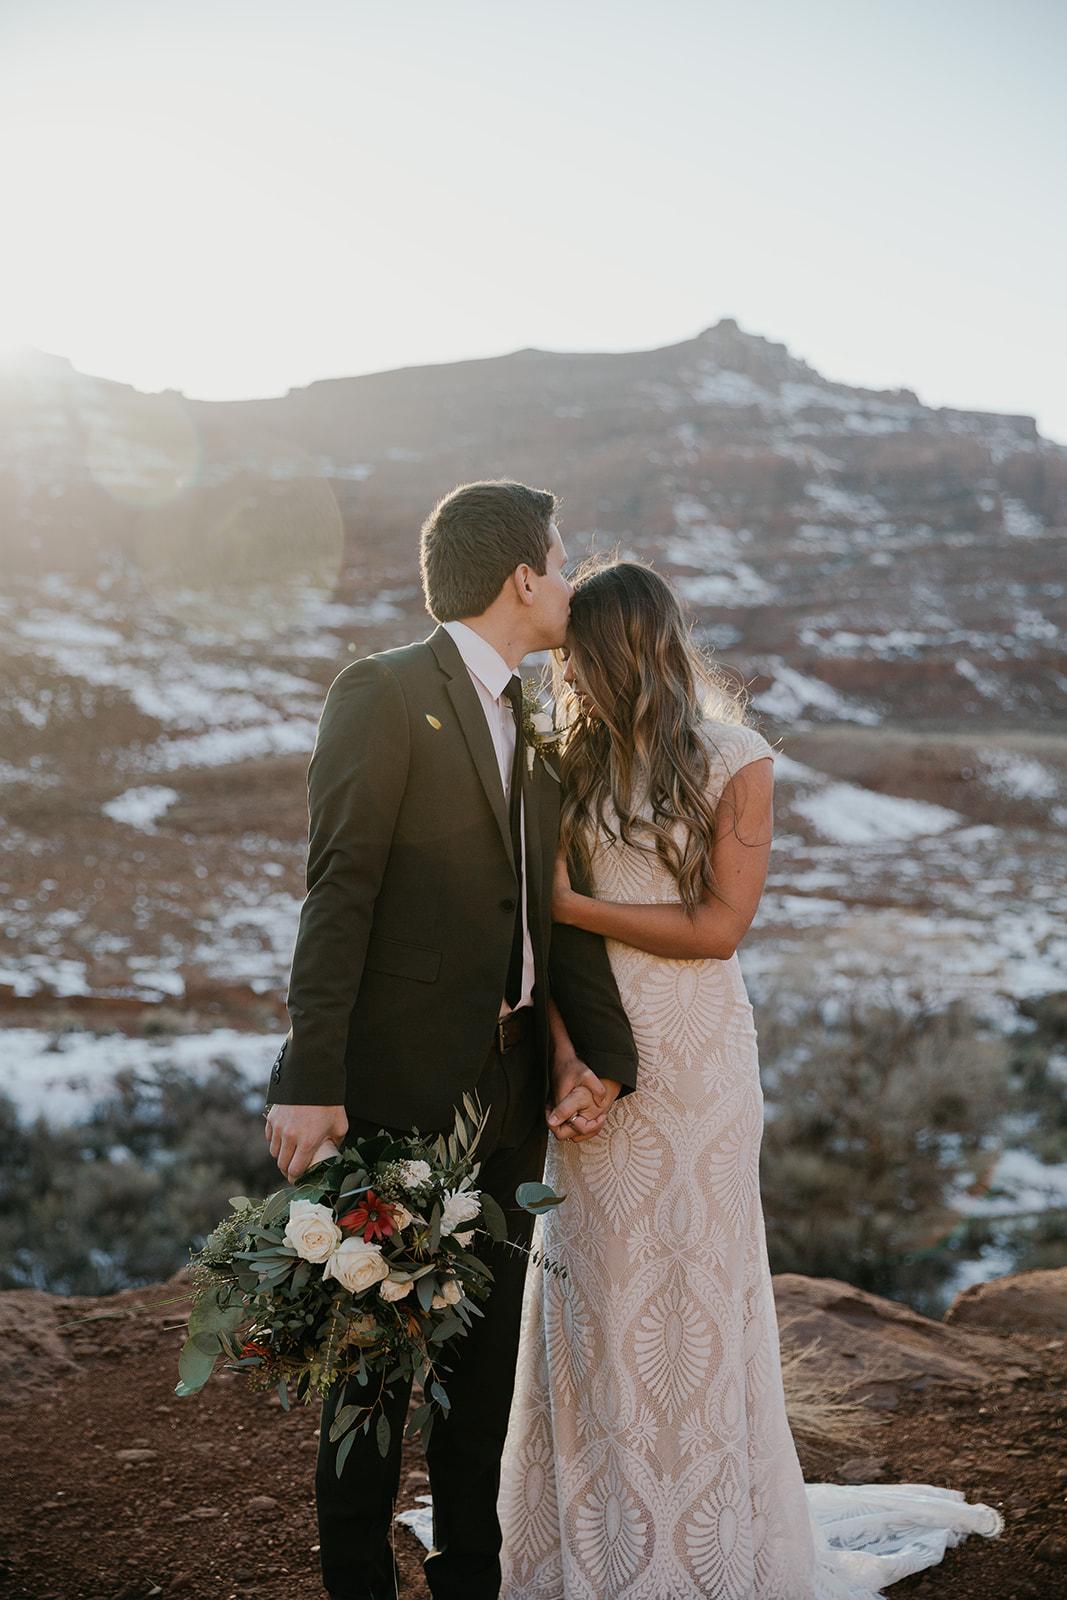 jamie+weston bridals-117.jpg